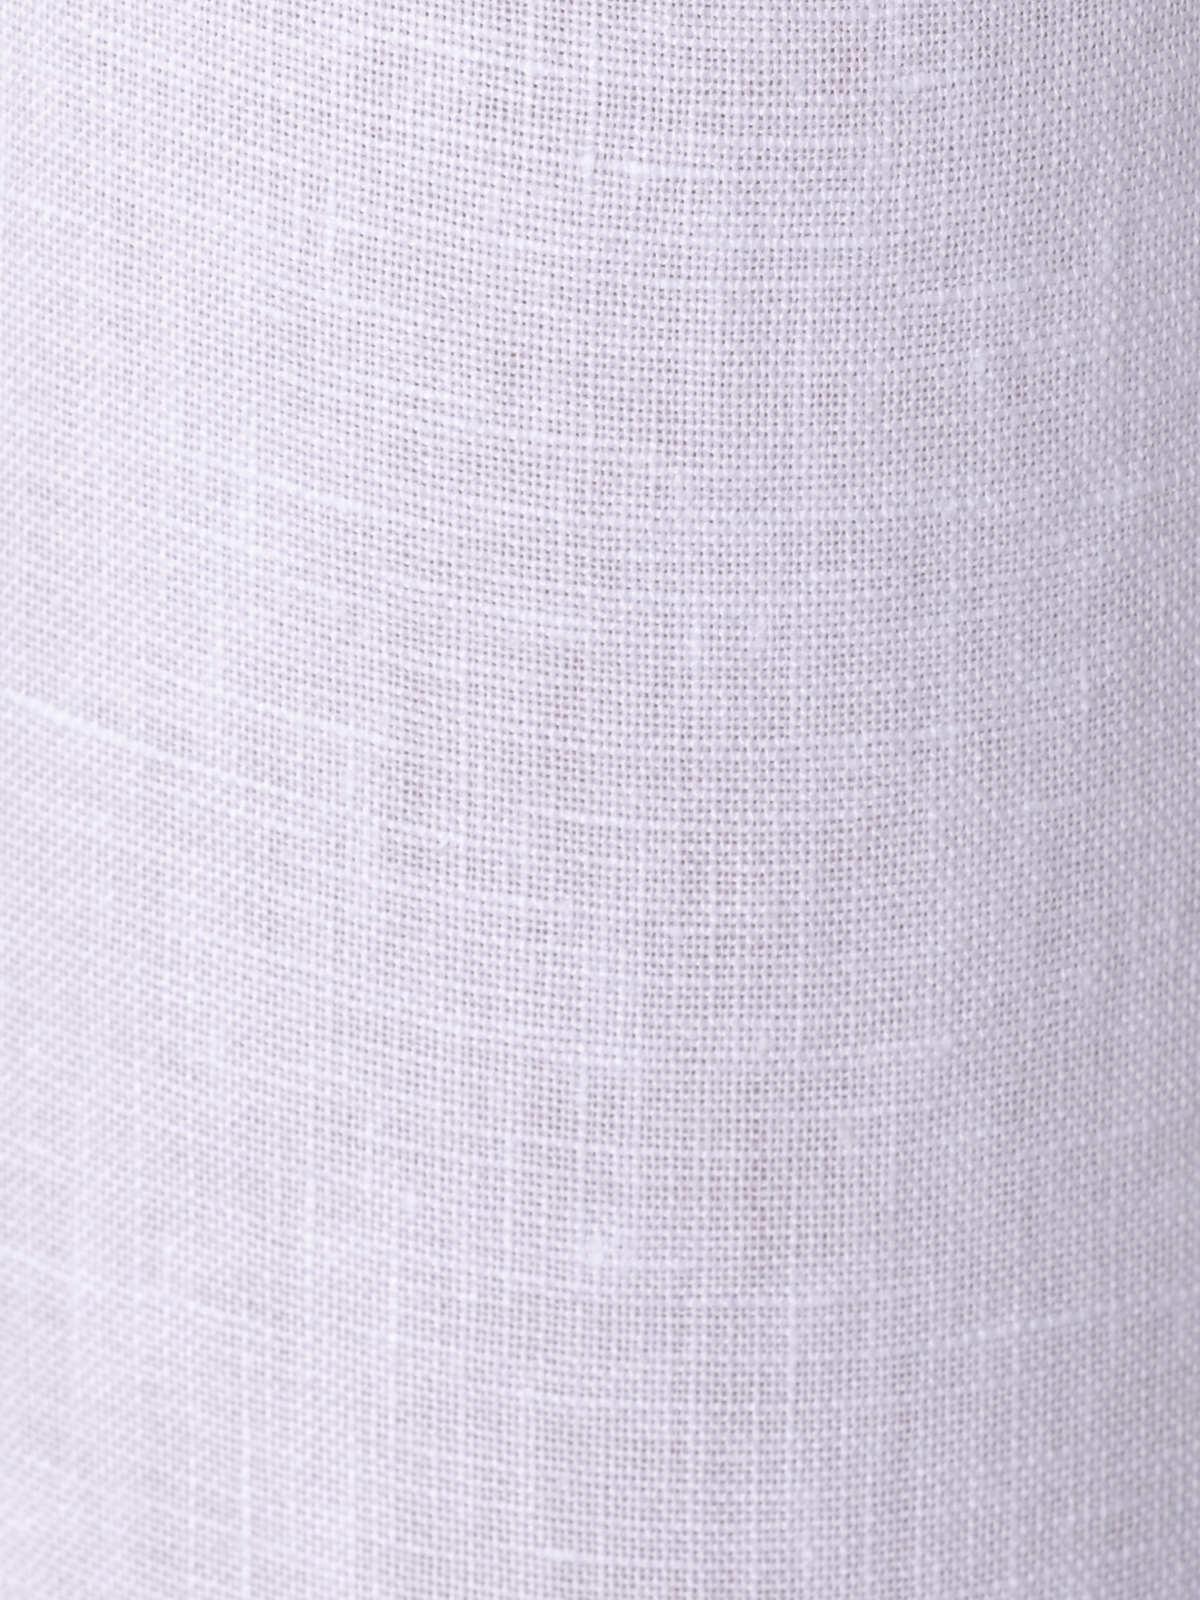 Patalón lino 100% Blanco